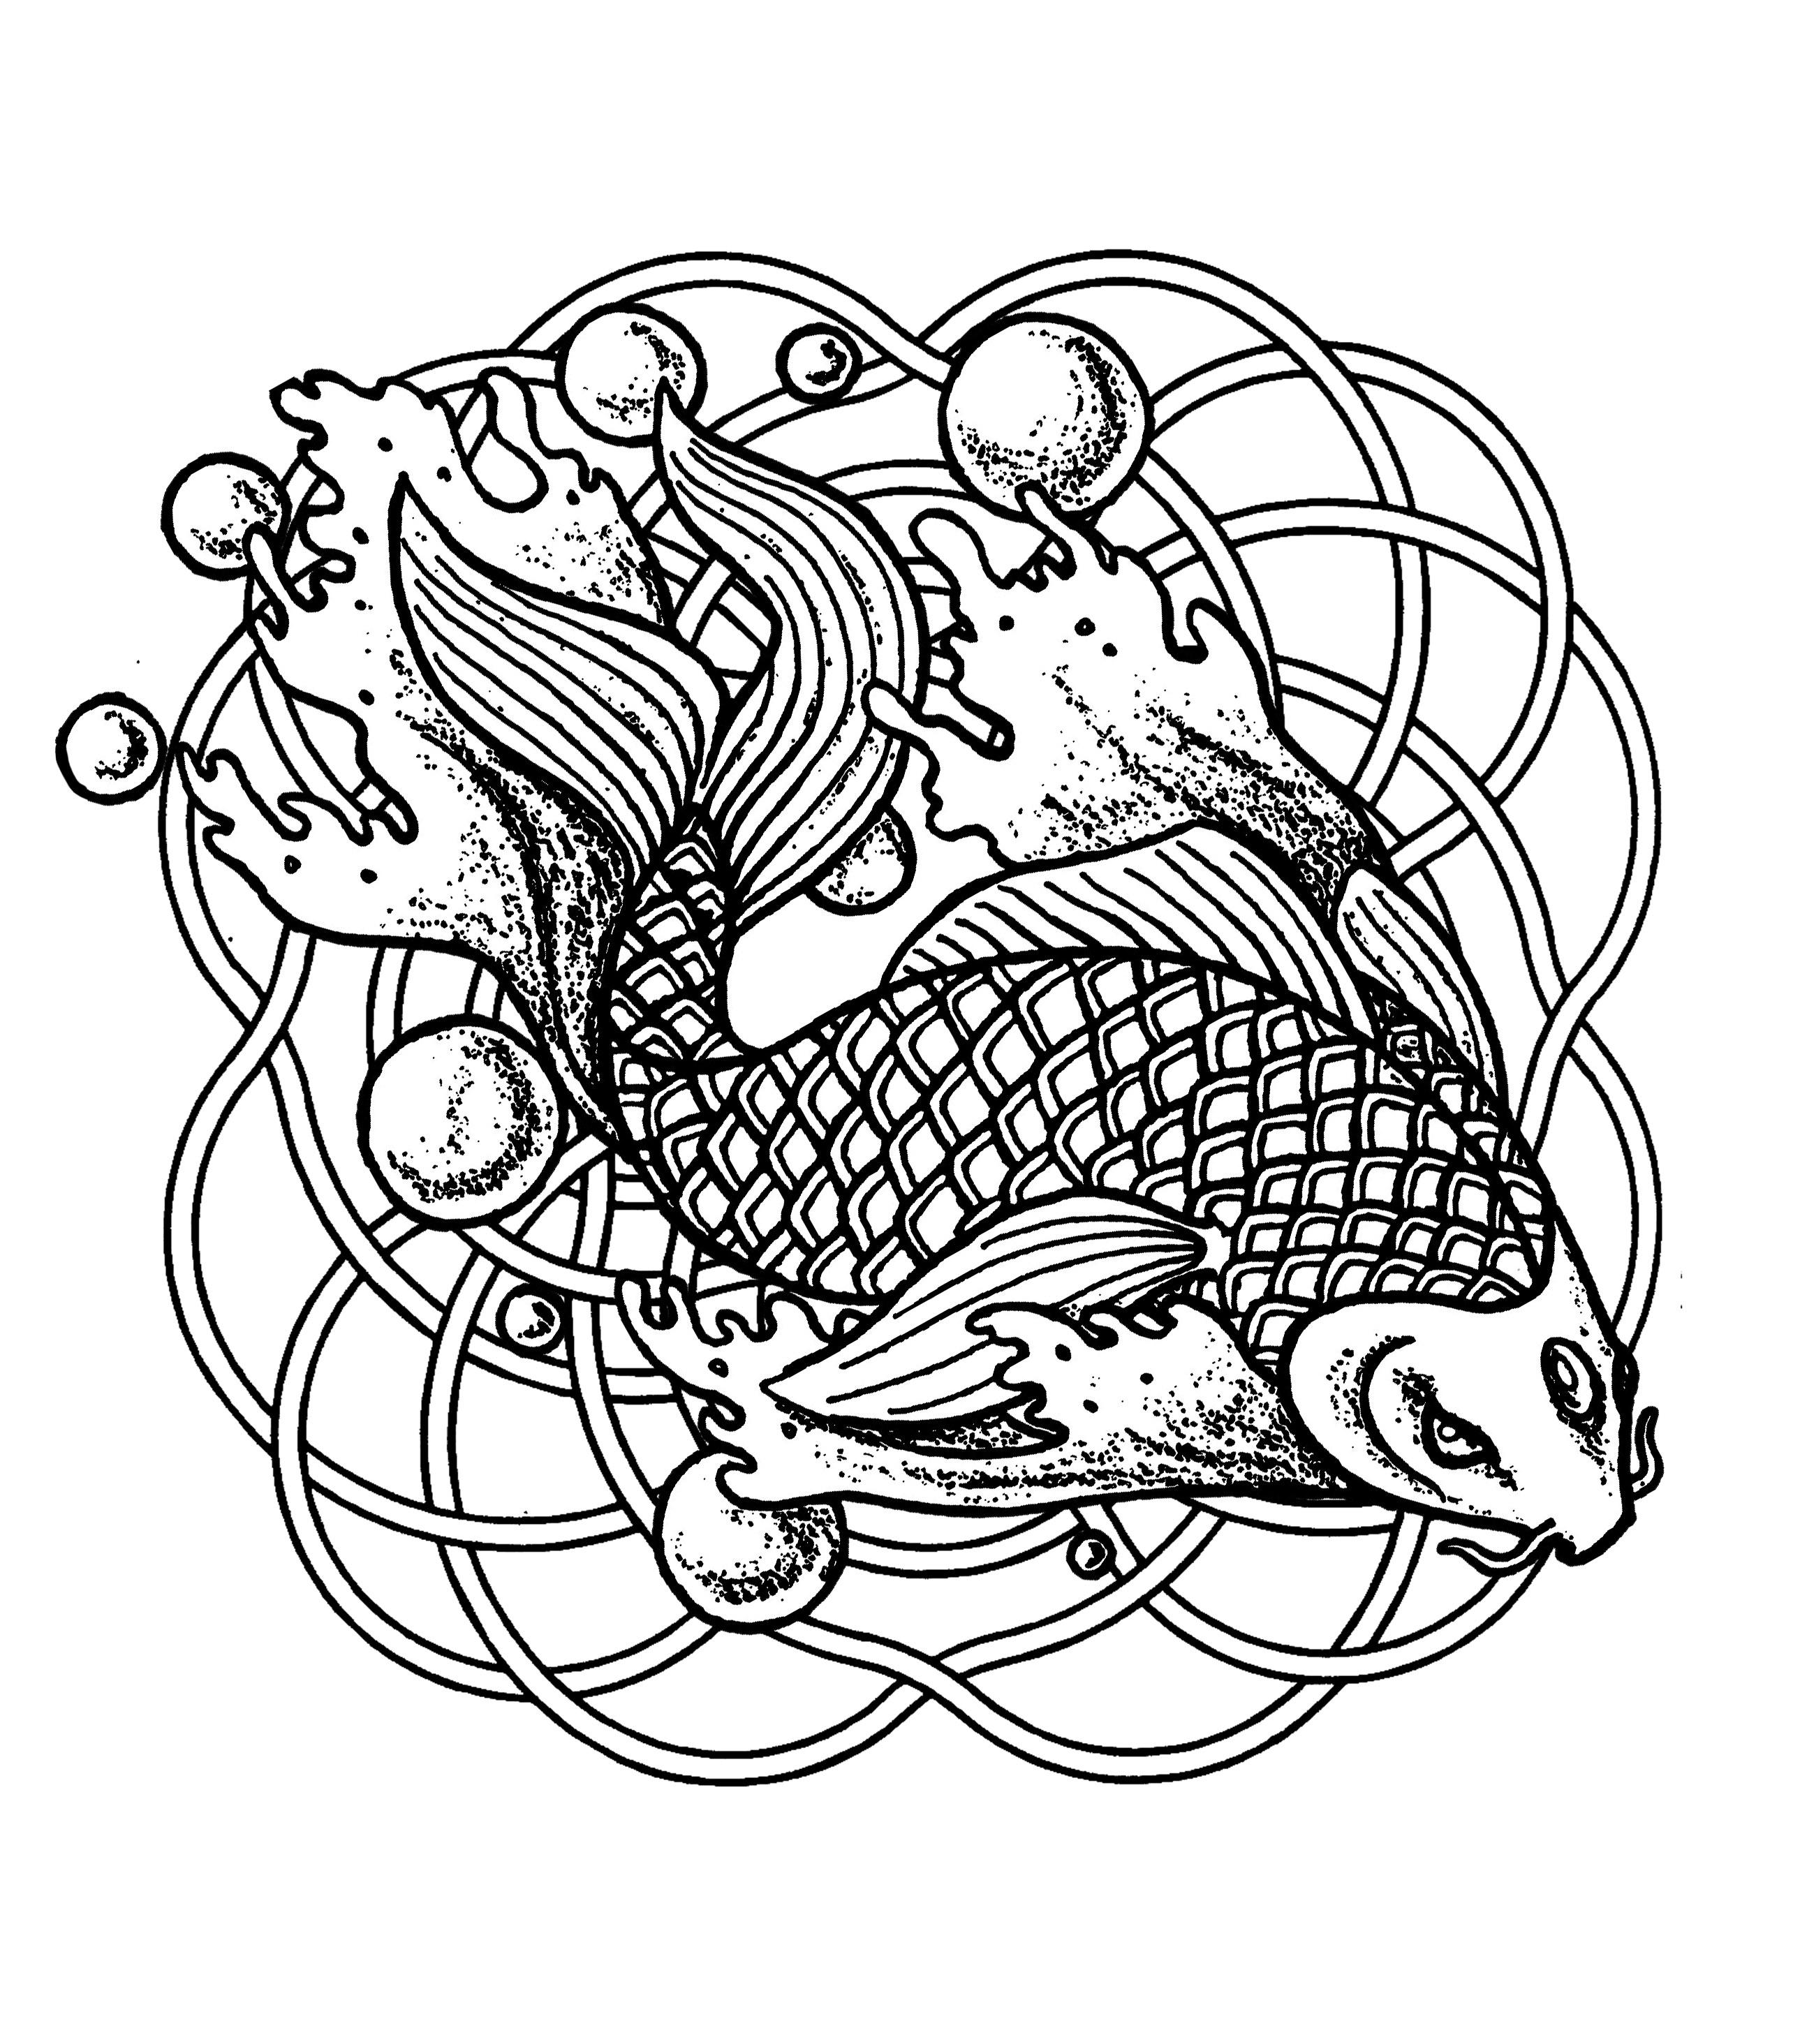 Coloriage Facile Poisson.Mandala Poisson Et Bulles Mandalas Sur Le Theme Des